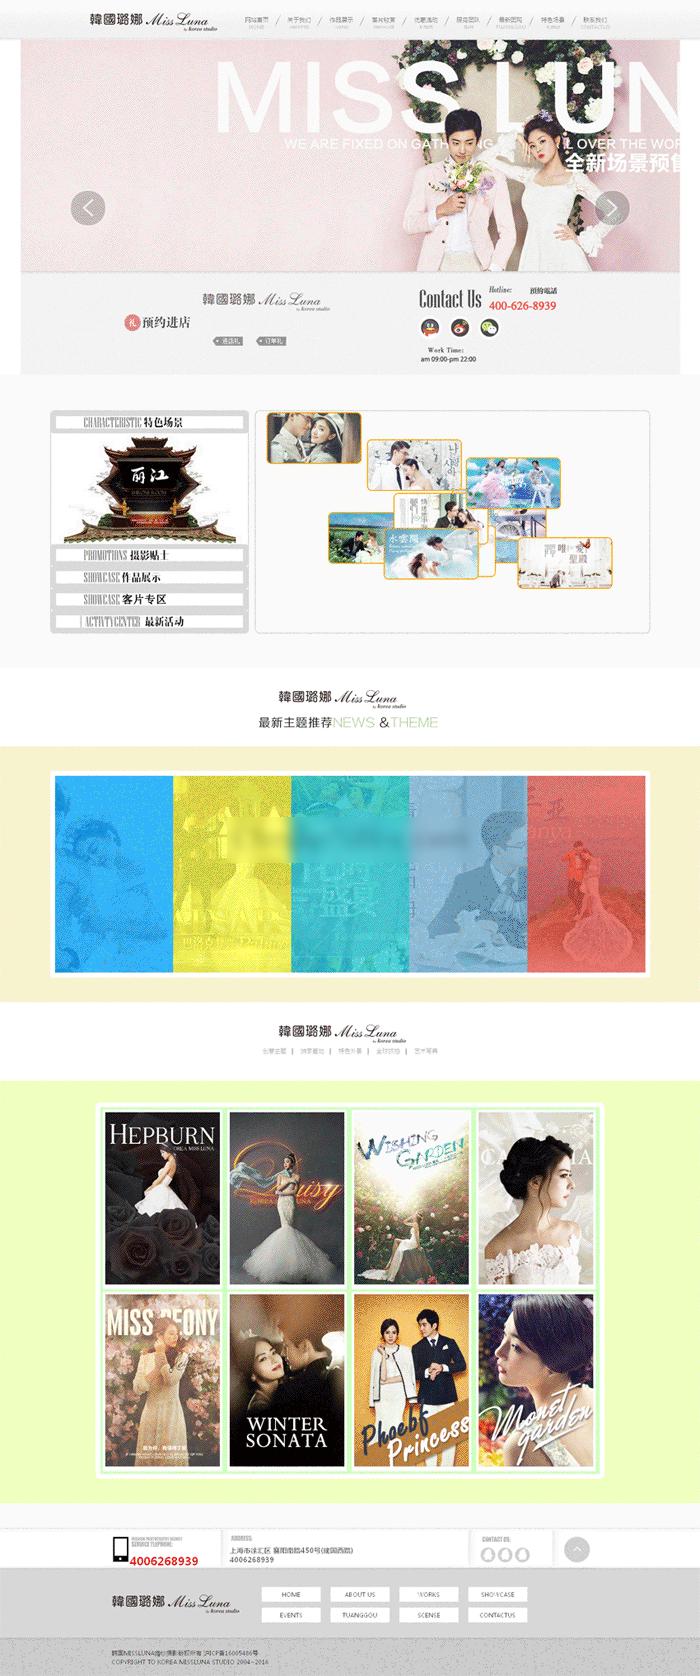 大气浪漫的摄影婚纱网站模板html下载